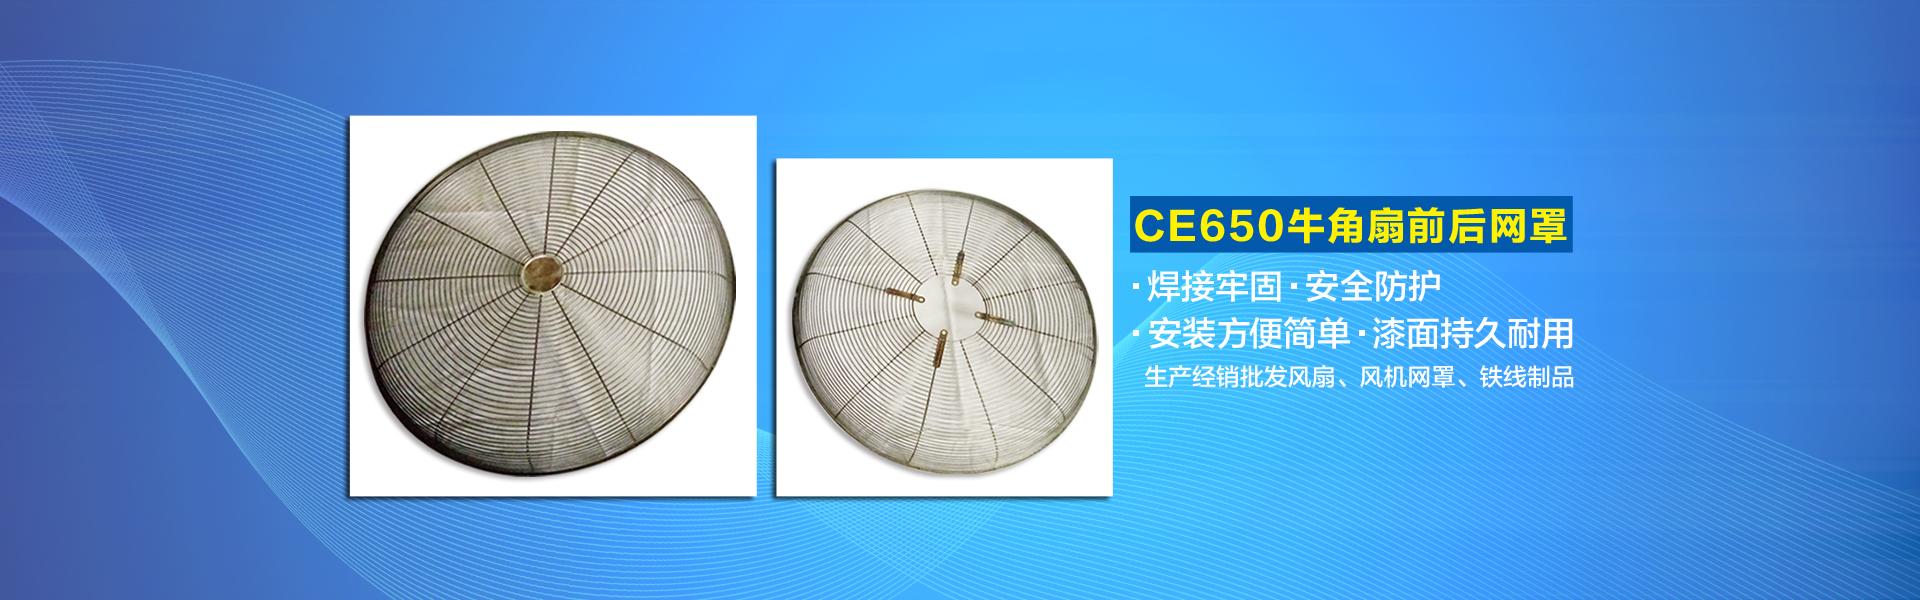 德慶偉業五金制造有限公司主要產品有落地霧化前網、霧化風扇網罩、強力風扇網罩、排氣扇前網罩!